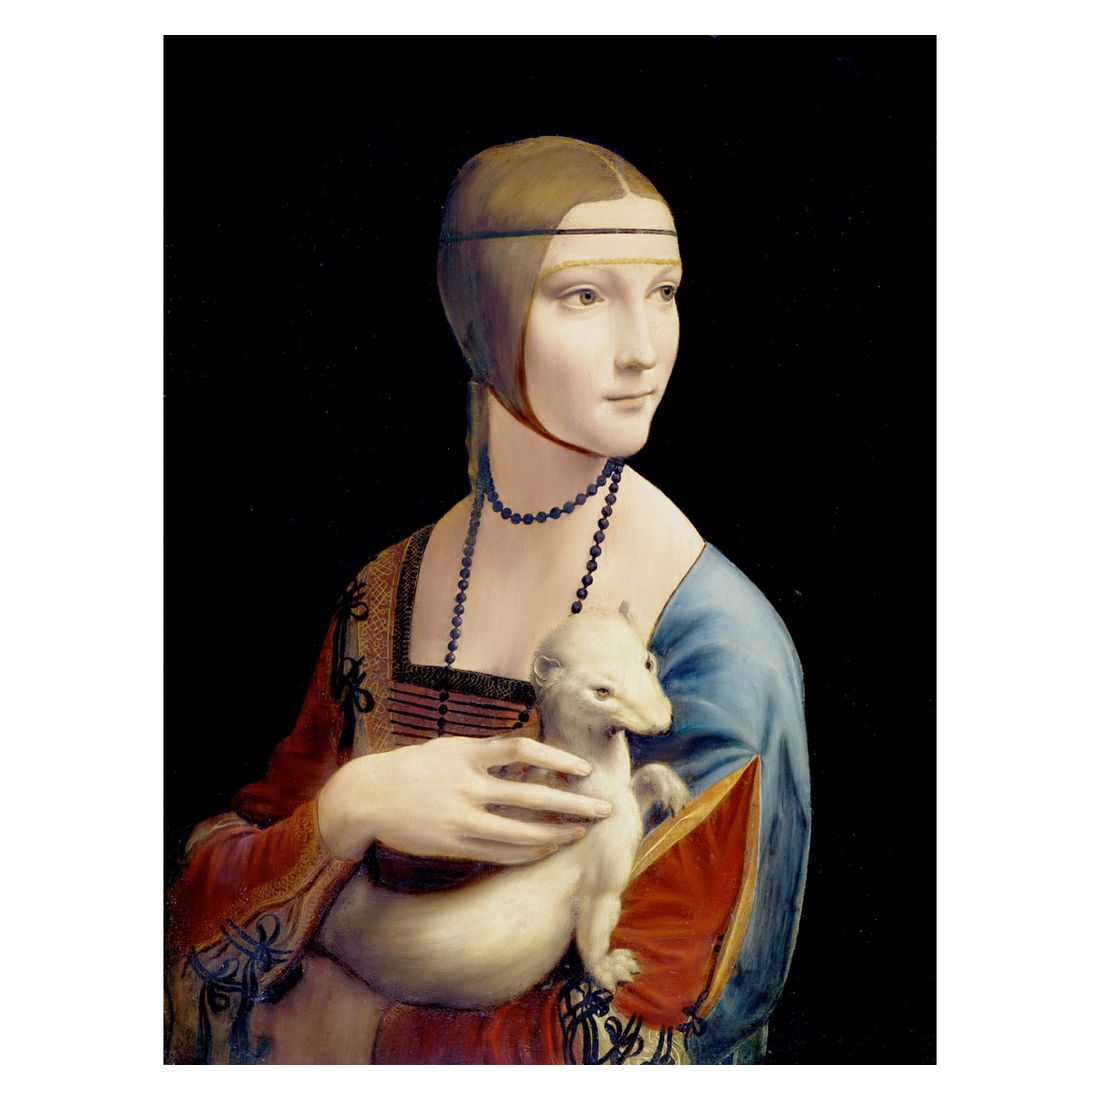 Ölgemälde Die Dame mit dem Hermelin von Leonardo da Vinci – Größe 60 x 40 cm, yourPainting günstig bestellen